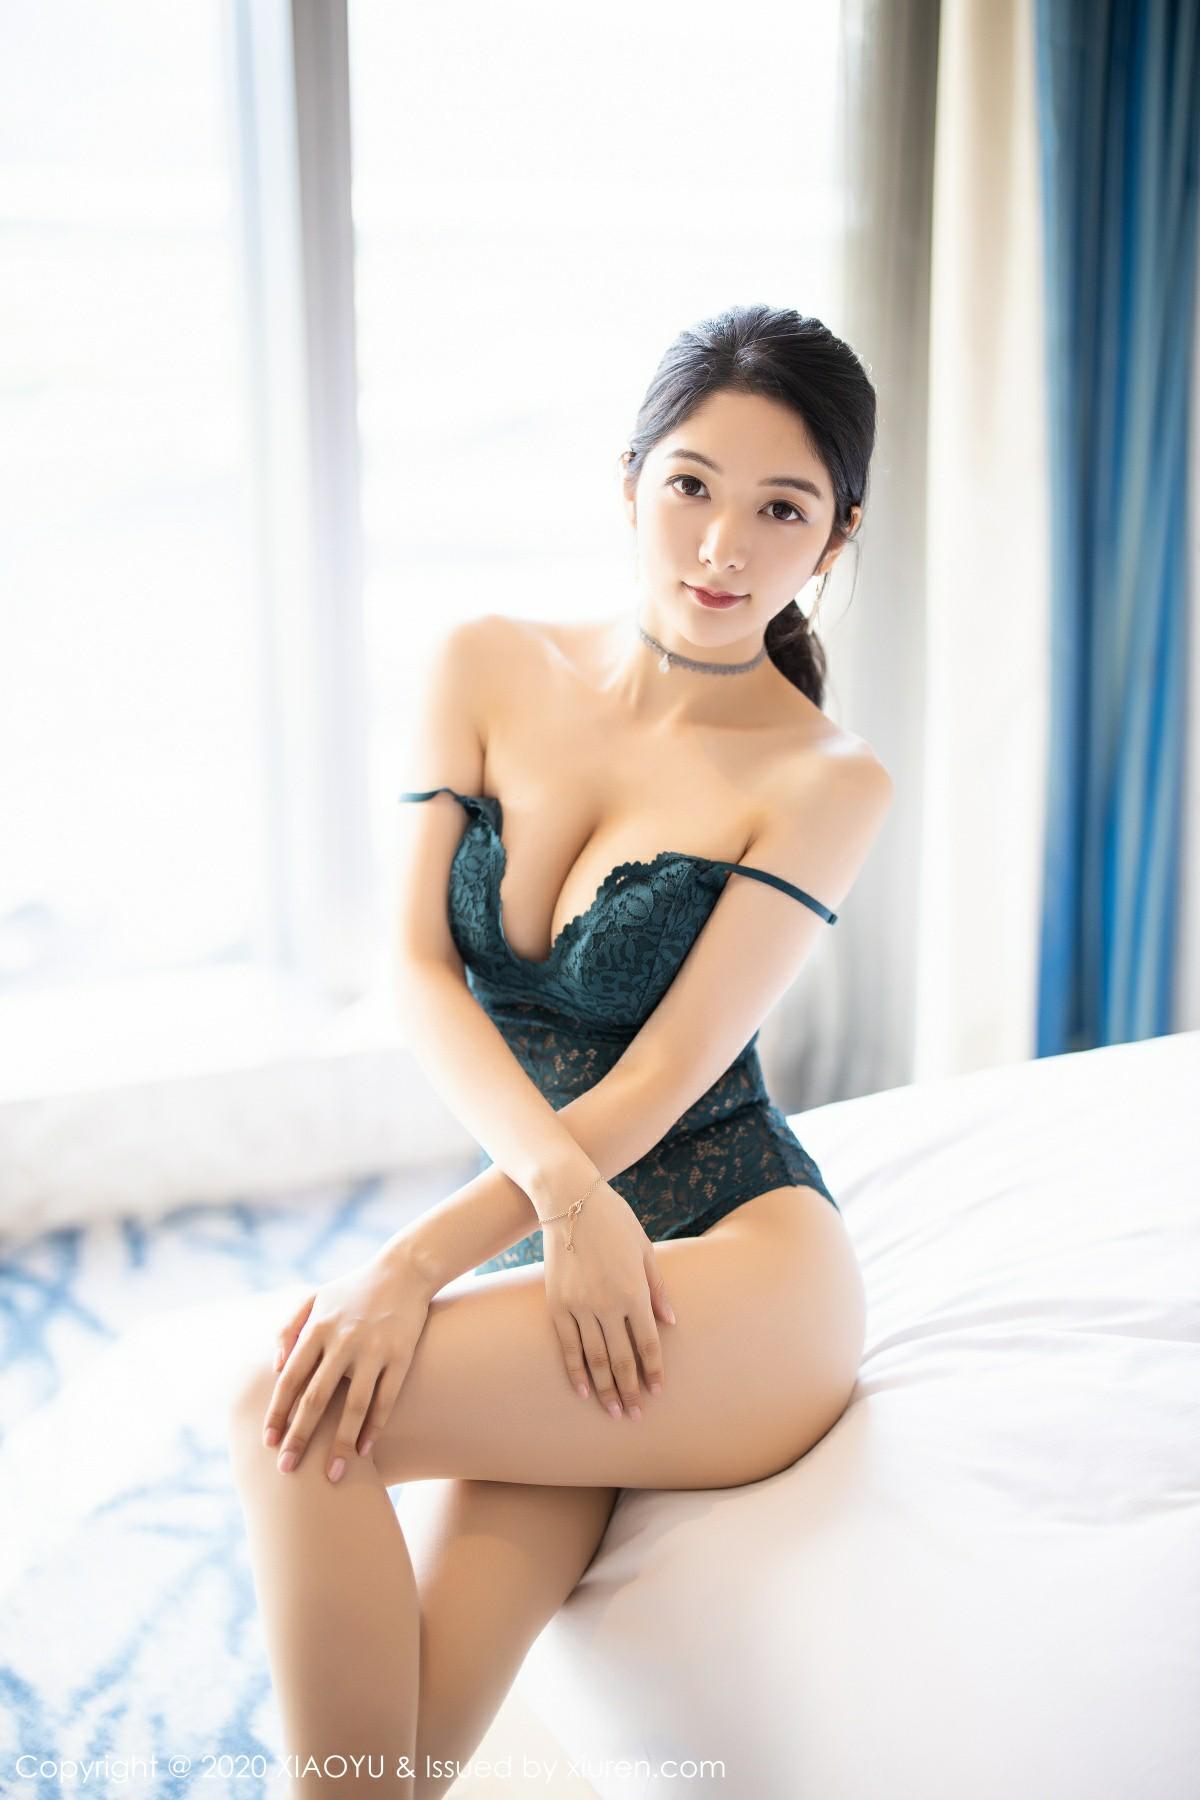 [XIAOYU语画界]2020.04.08 VOL.284 Angela小热巴[101P] 语画界 第4张